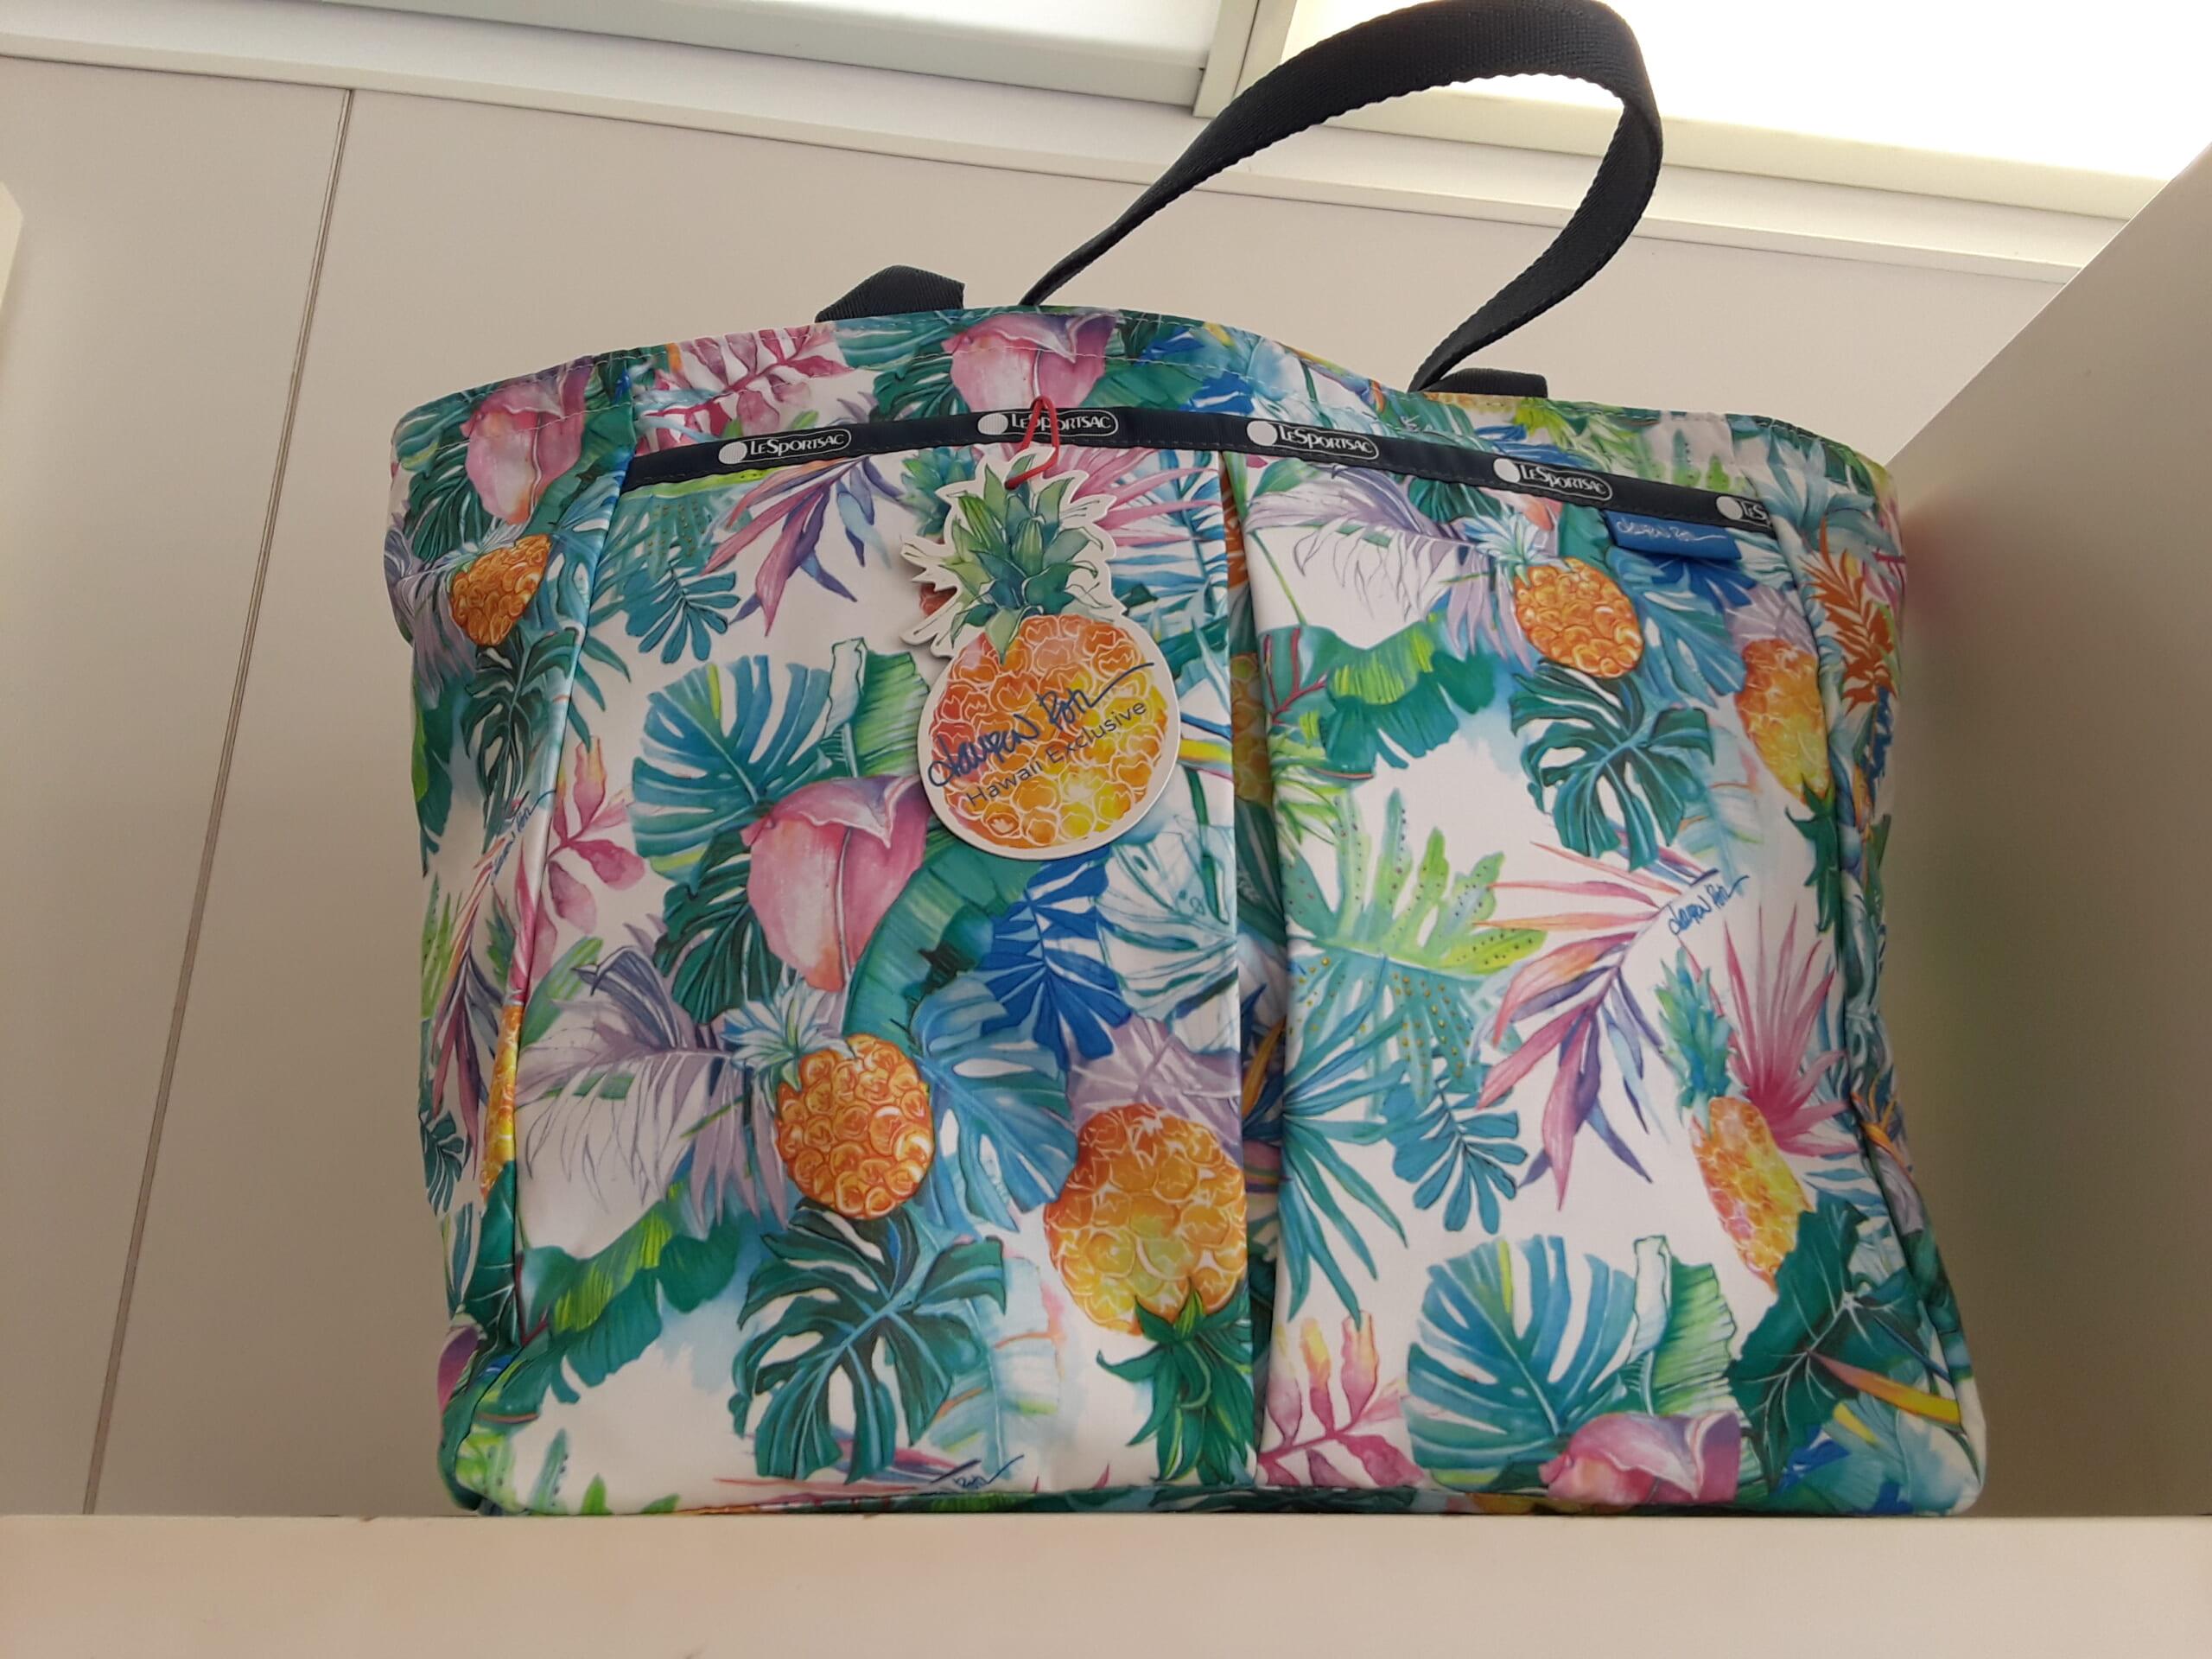 10ハワイのワイケレ・プレミアム・アウトレットの今とレスポートサックのハワイ限定商品!